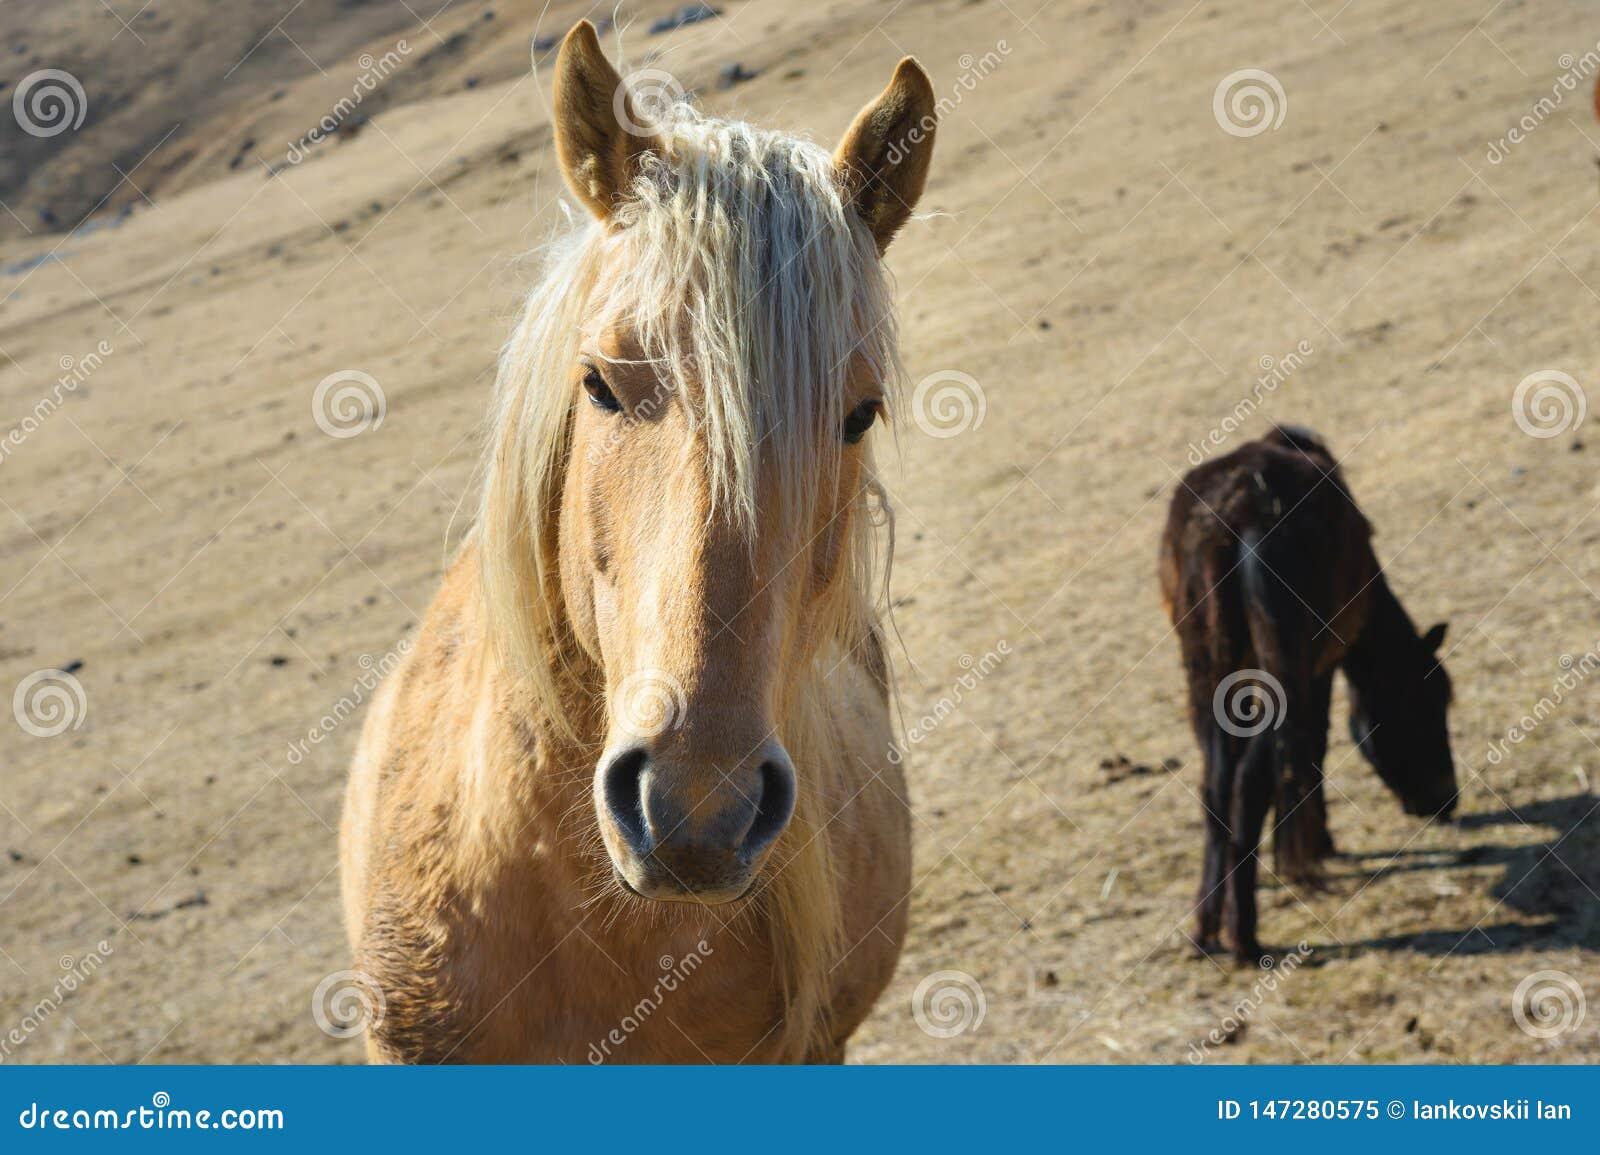 Retrato do close-up de um cavalo bege na perspectiva de um rebanho dos cavalos em pastos amarelos do outono da montanha